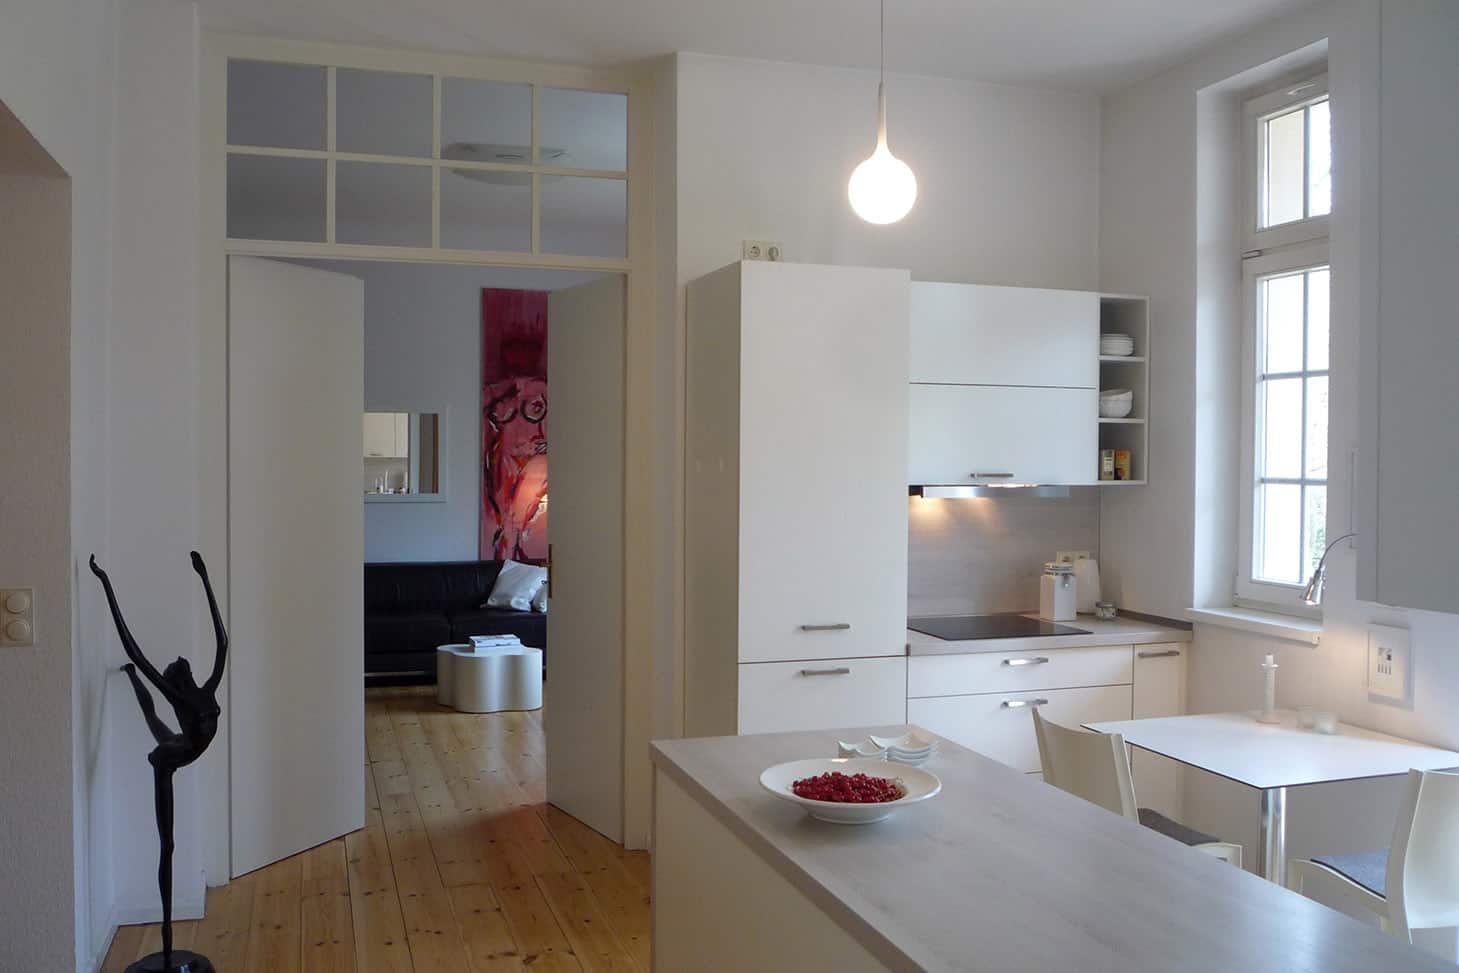 Berlin innenarchitektur susanne kaiser architektur for Innendesign studium berlin